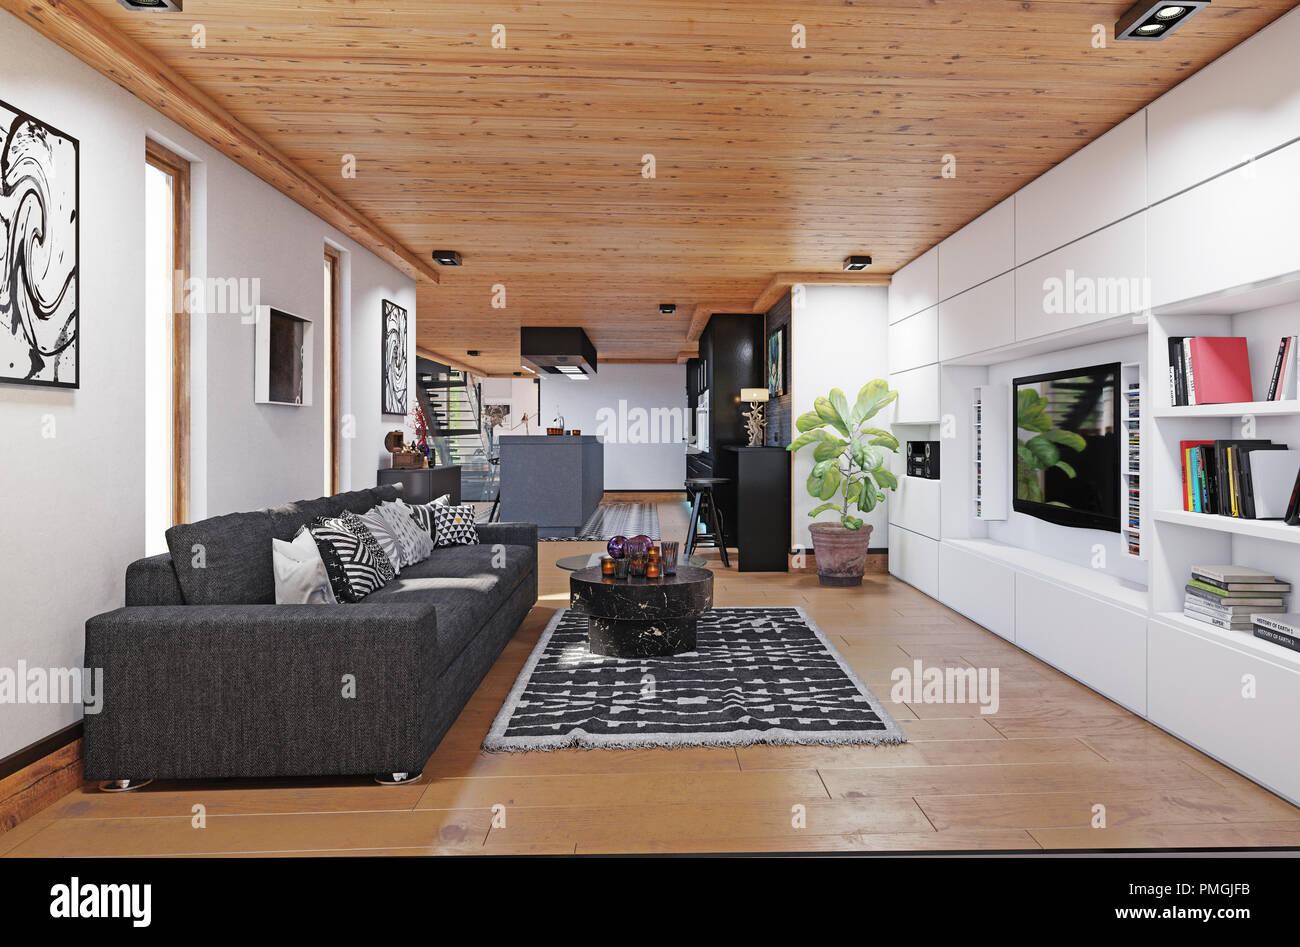 Modernes Haus Wohnbereich Interieur. 3D-rendering Design Konzept ...